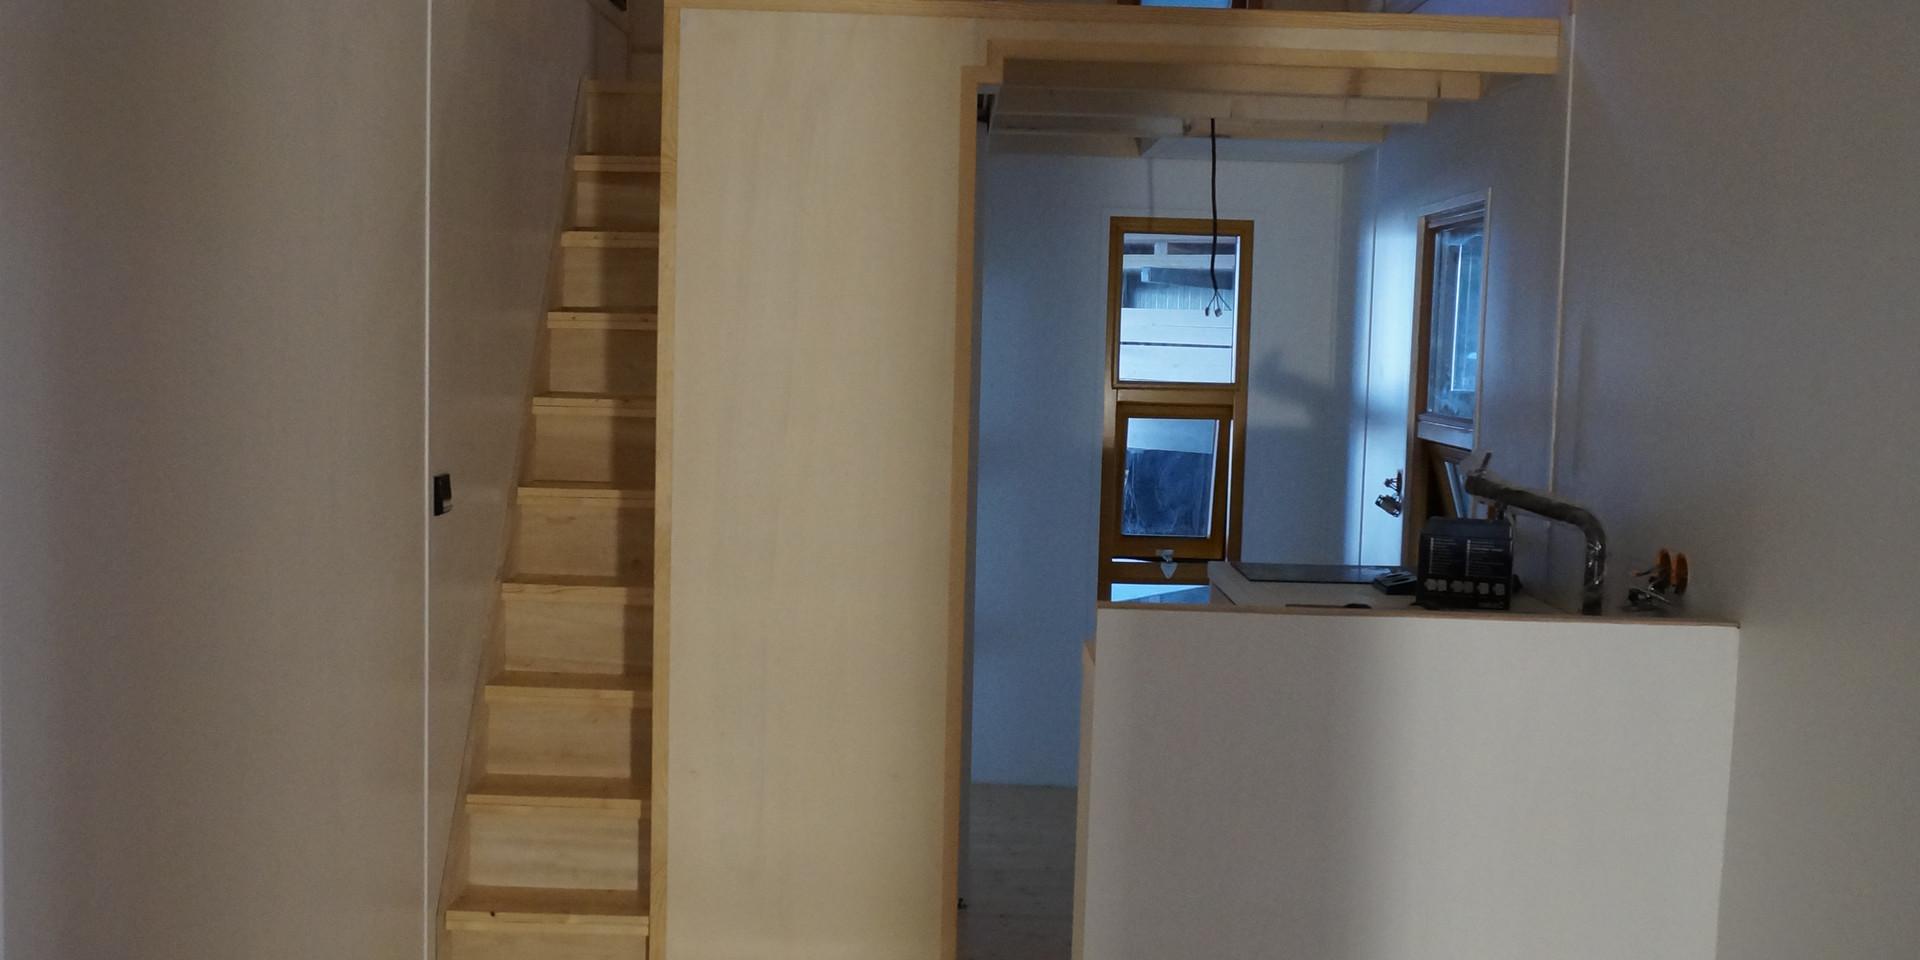 Treppensystem und Wohnraum